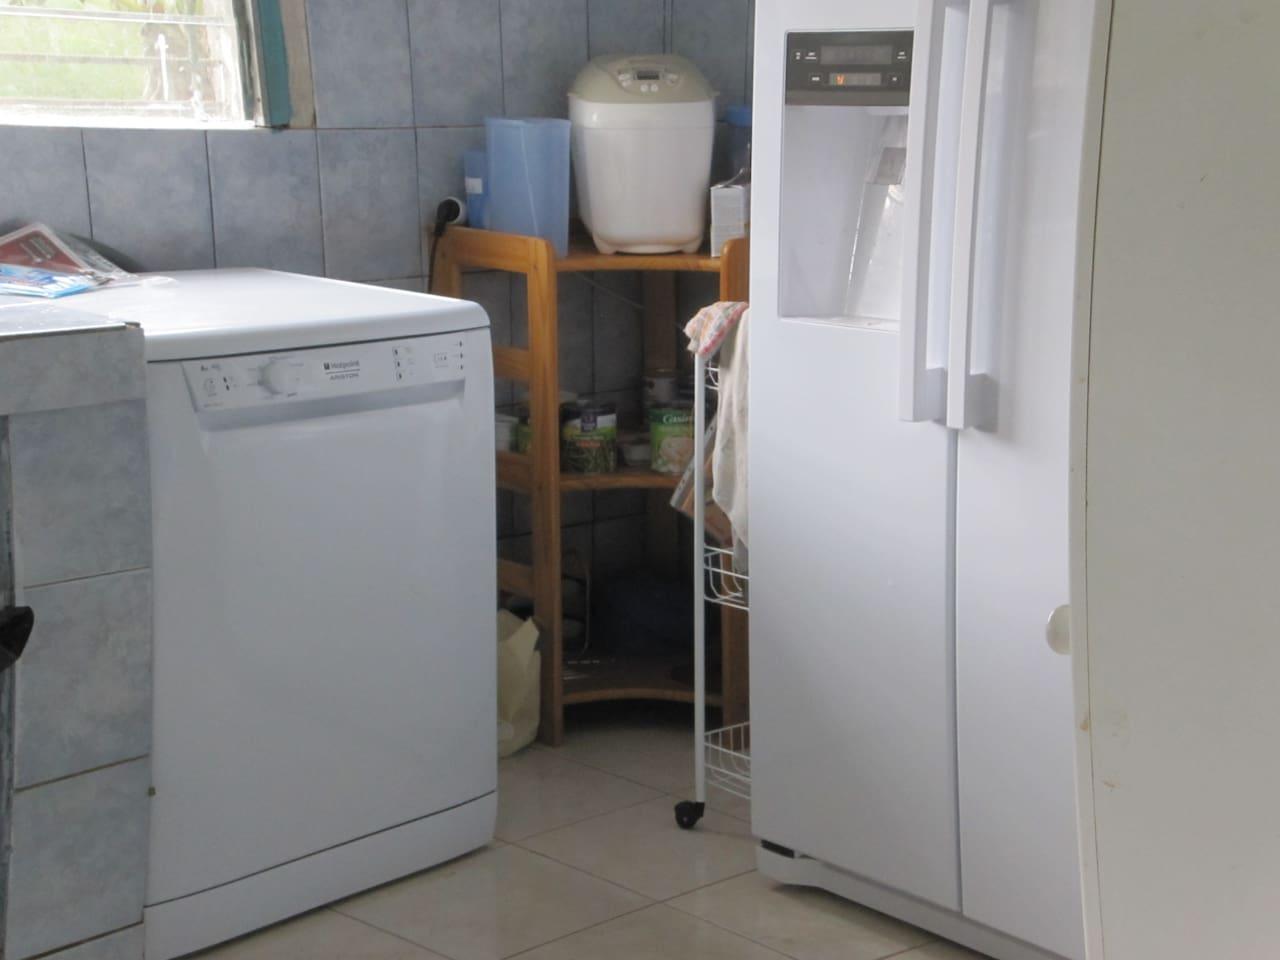 Lave-vaisselle et réfrigérateur congélateur...